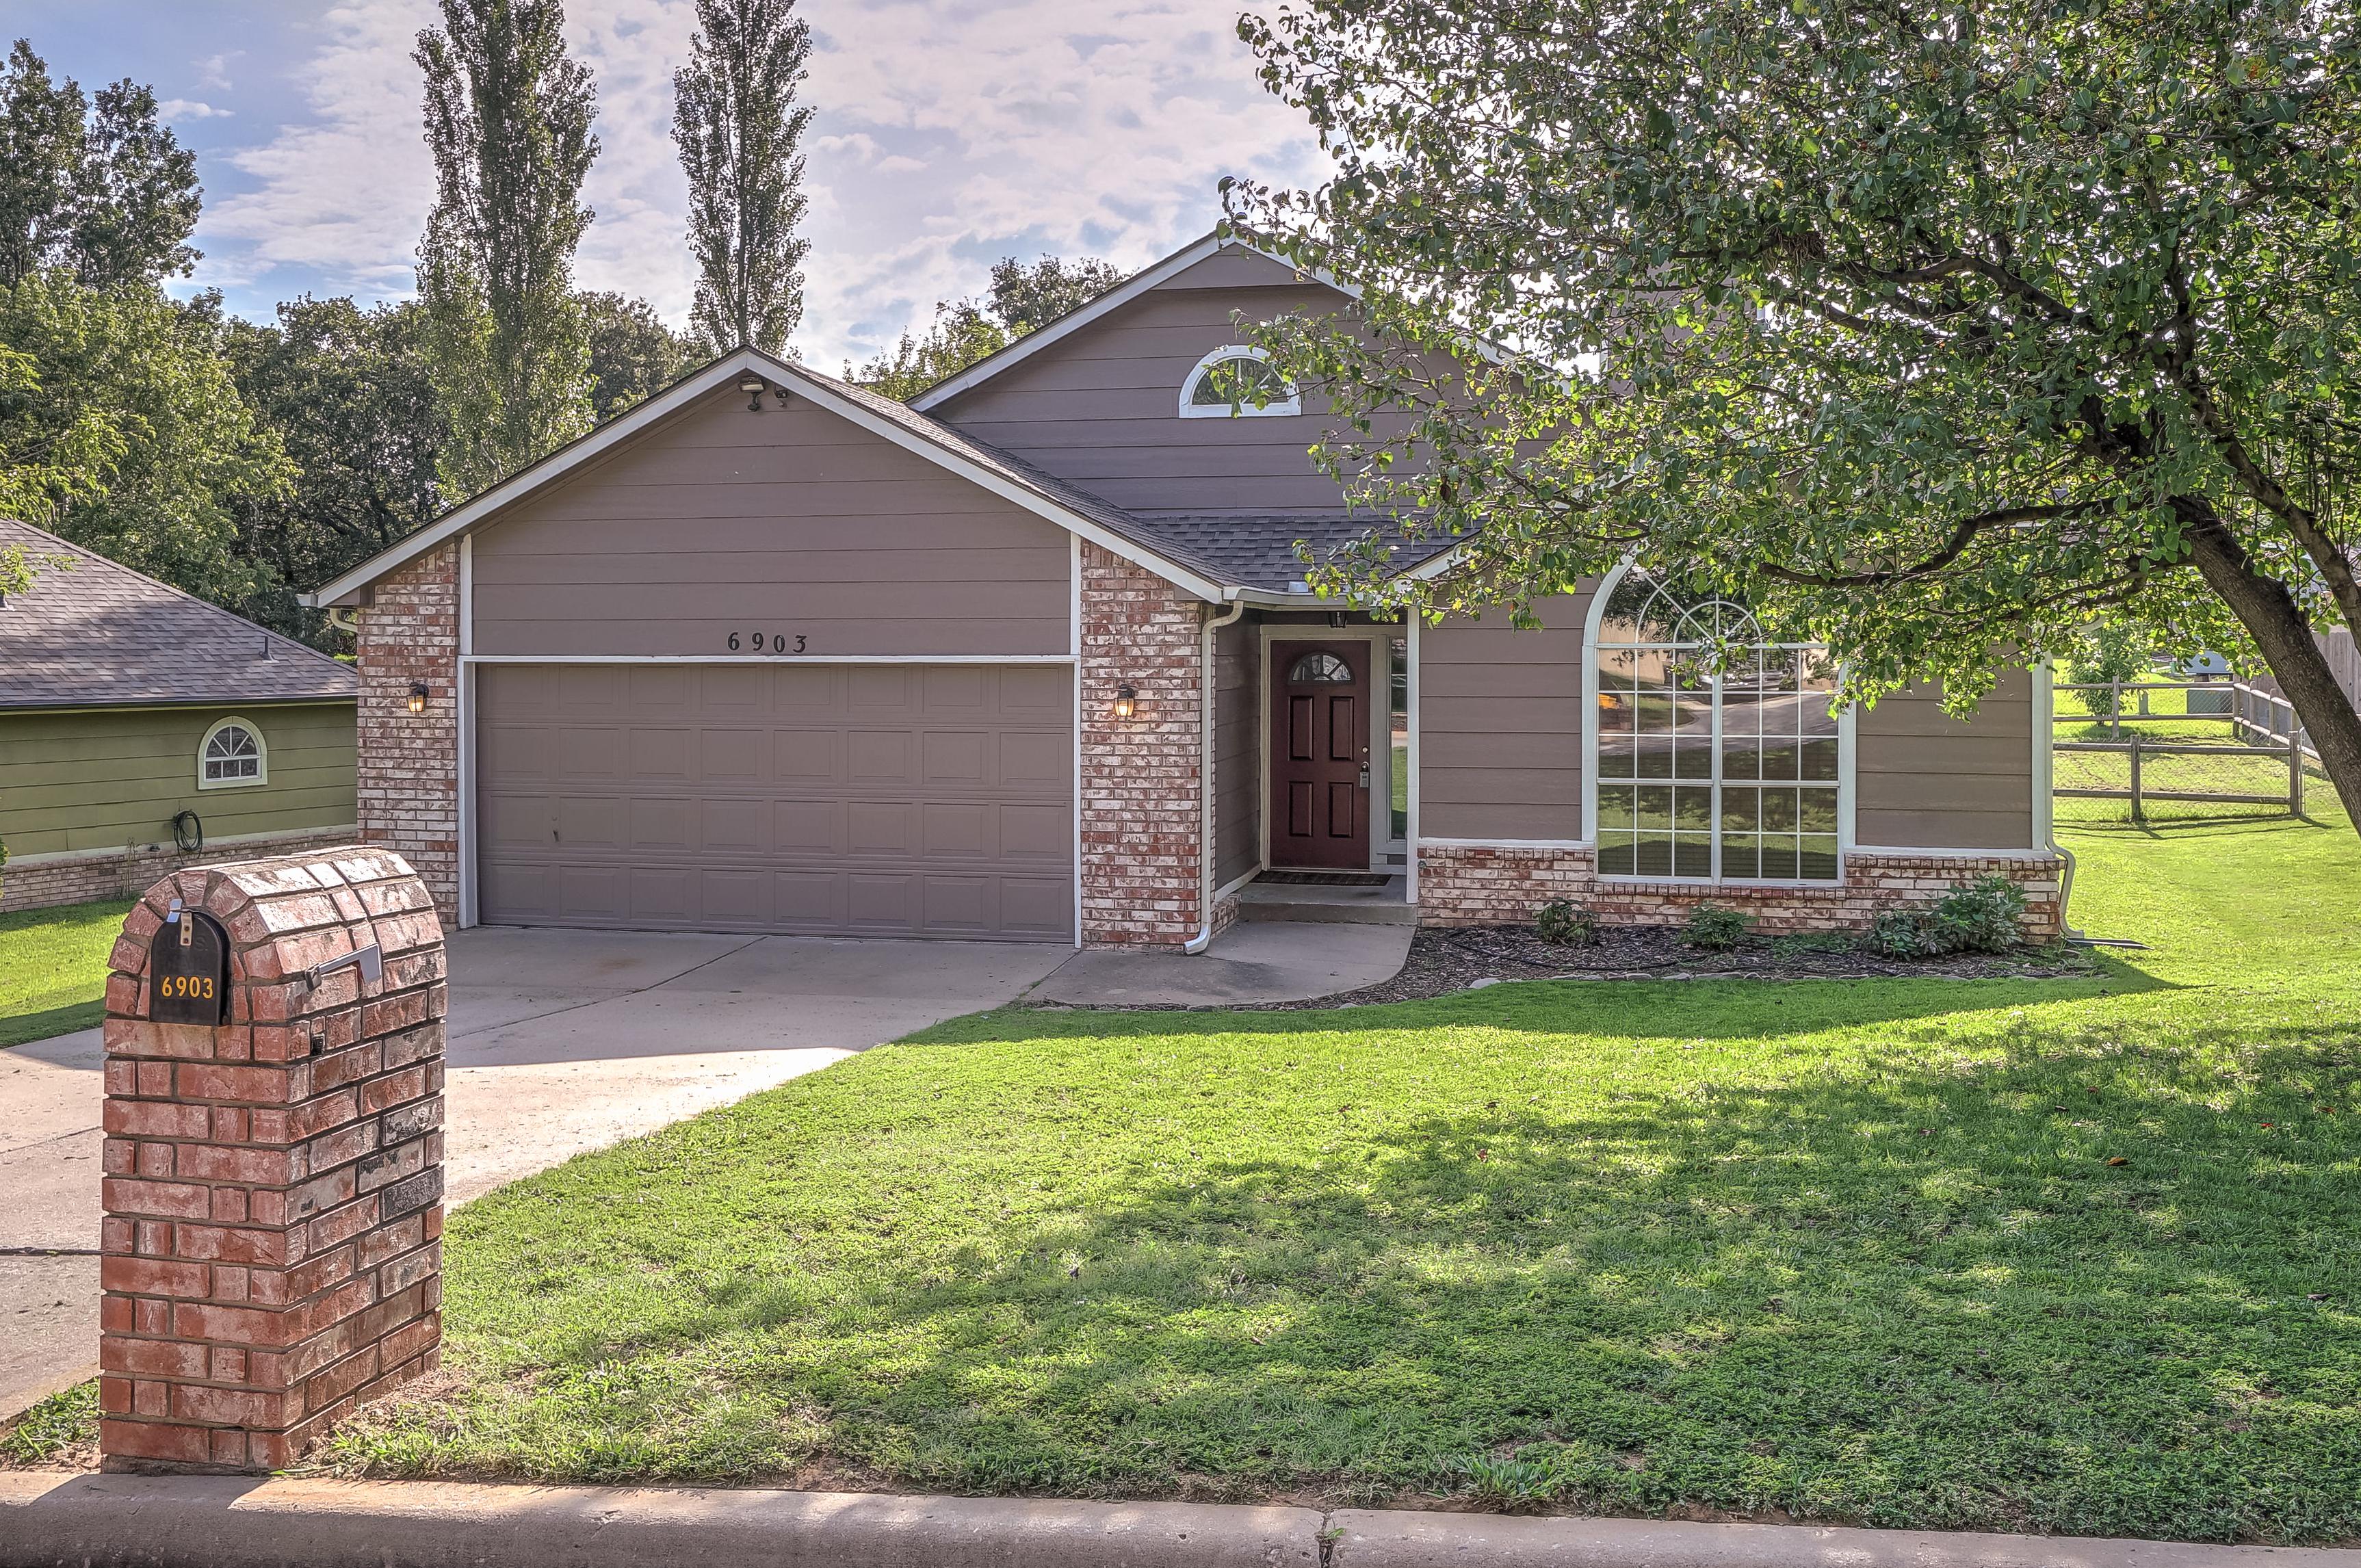 6903 Silver Oak Drive Property Photo 1